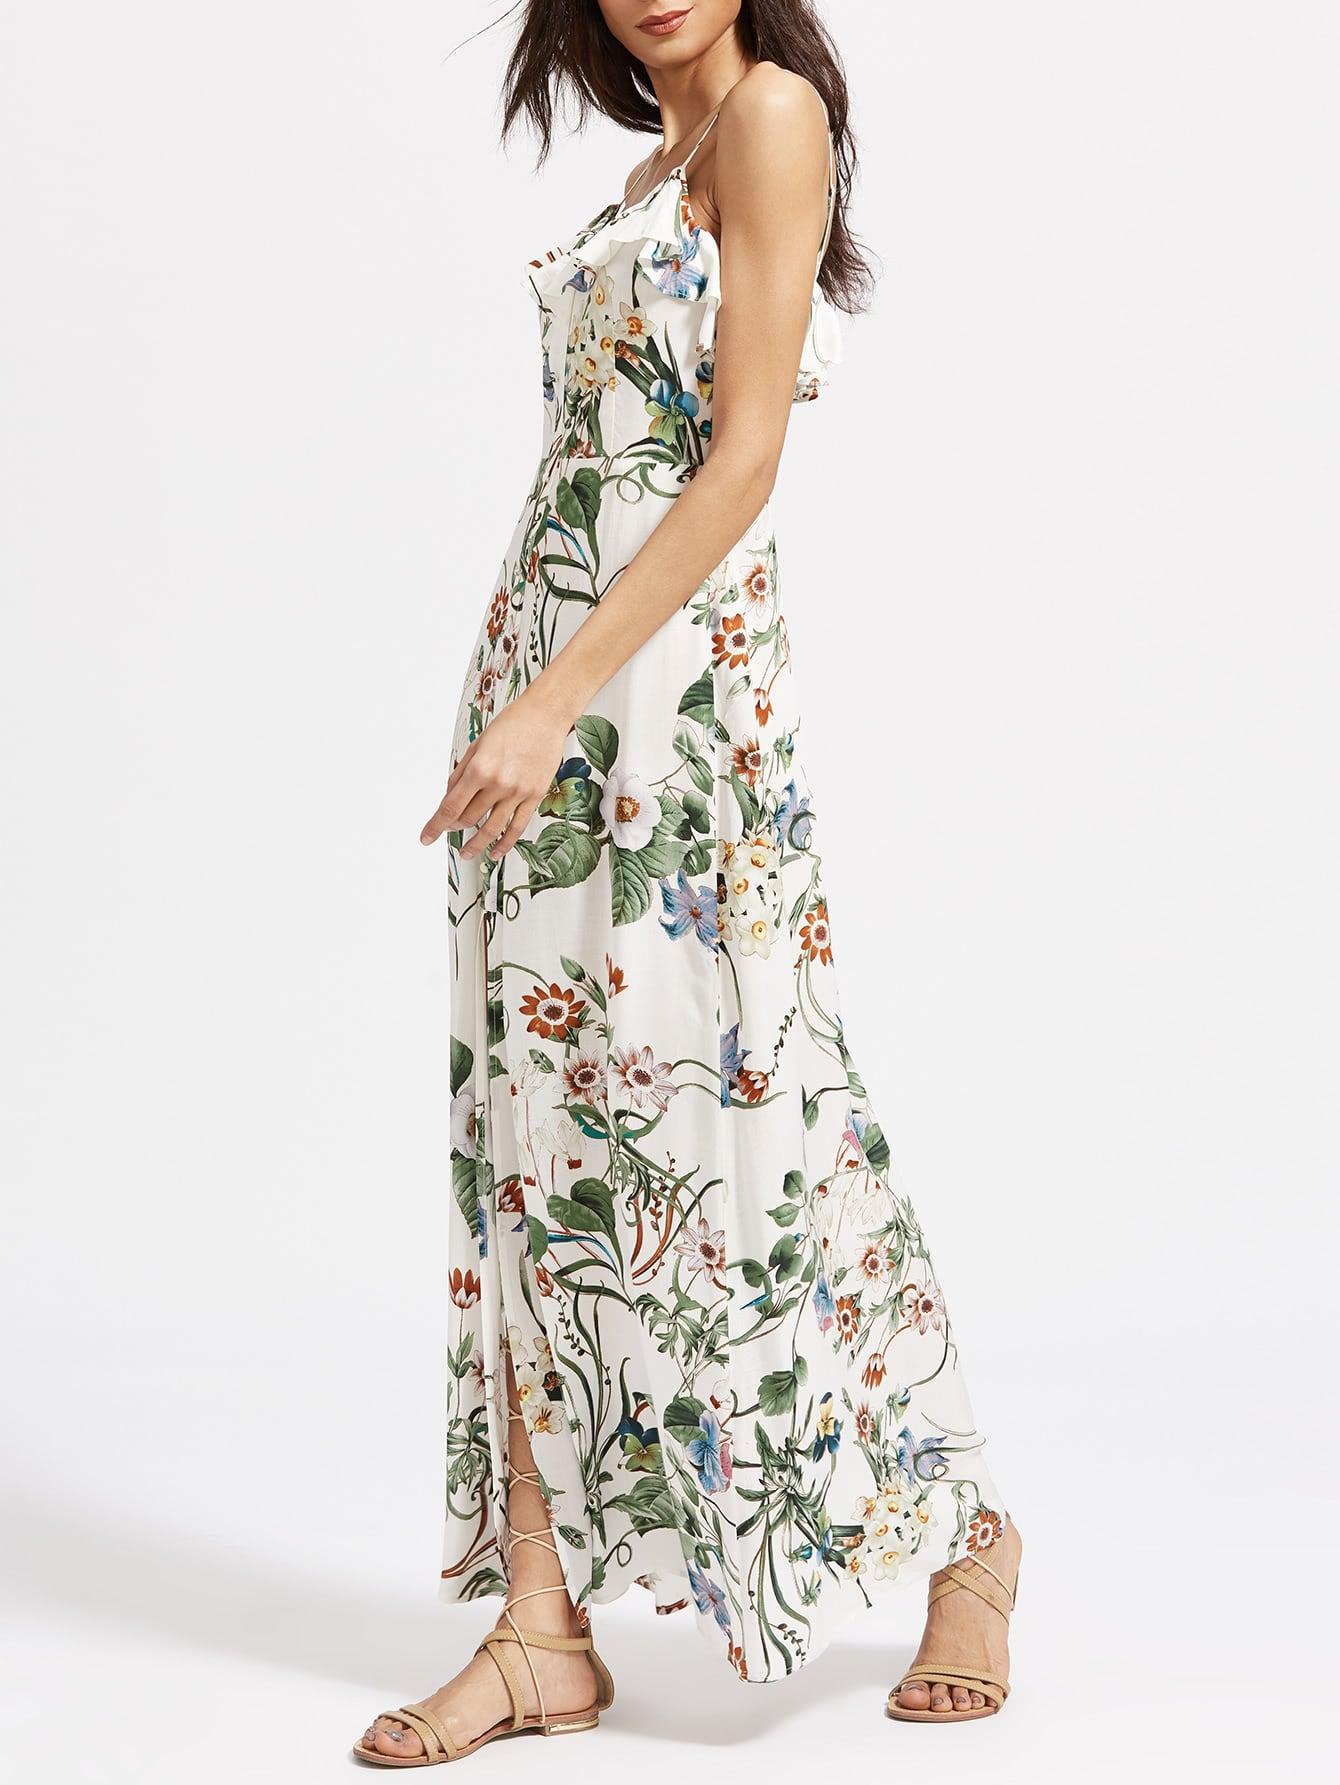 dress170302706_2